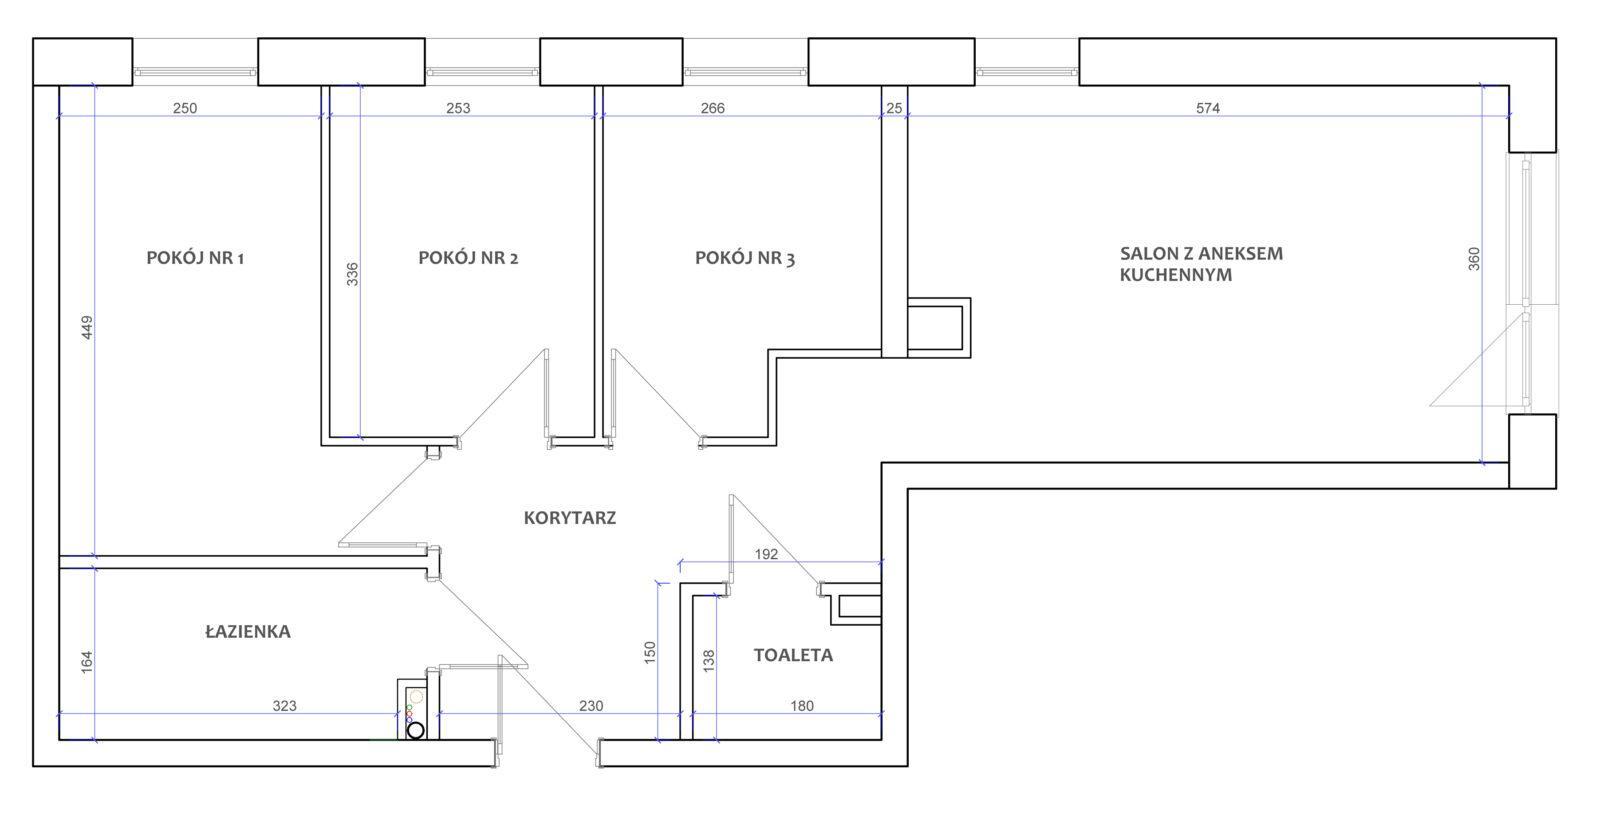 oferta cenowa pakiety rzut funkcjonalny mieszkania przed aranżacją